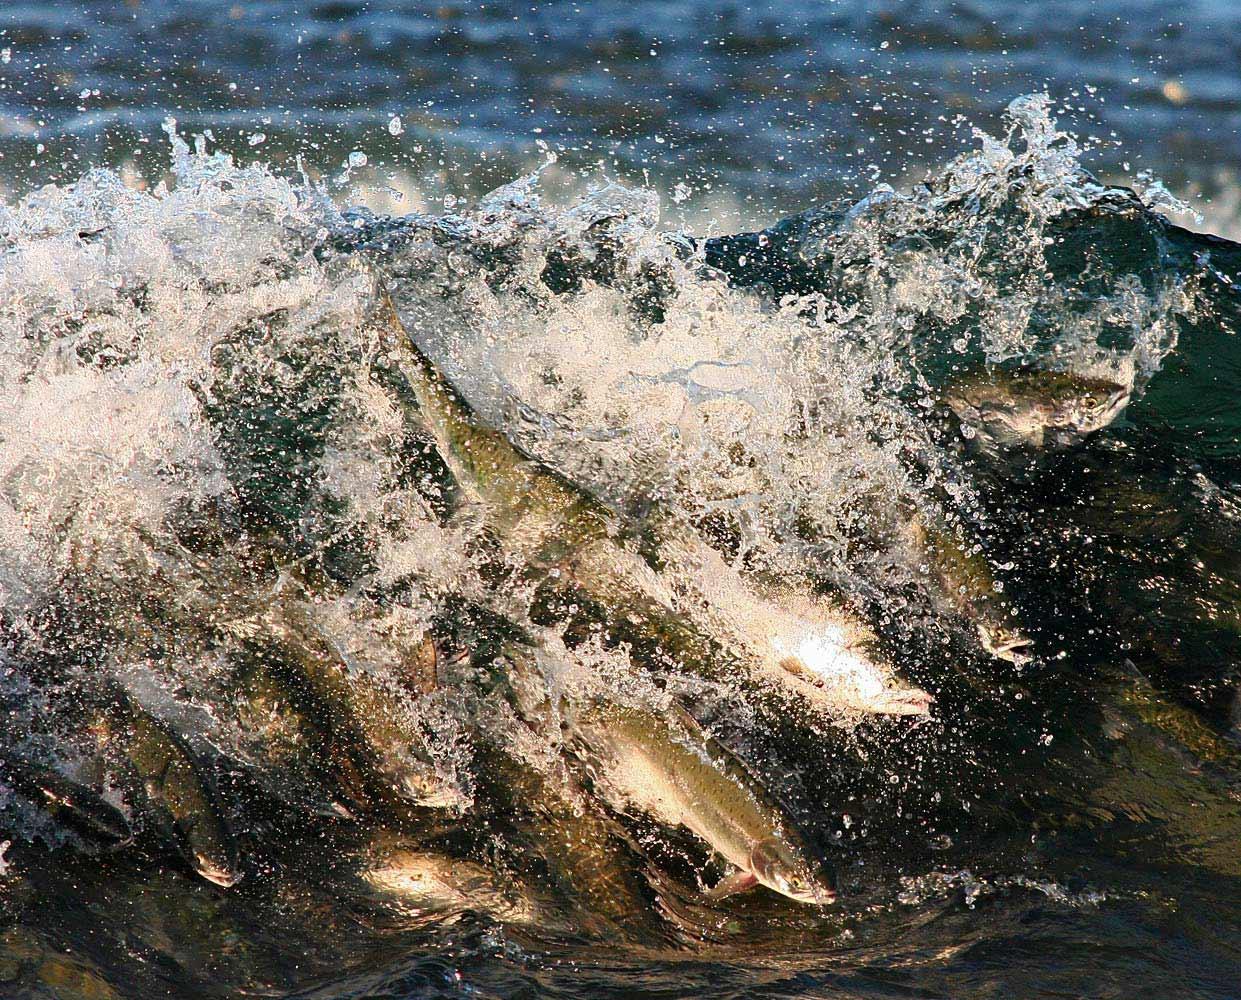 Pink salmon wave, Sakhalin, Russia